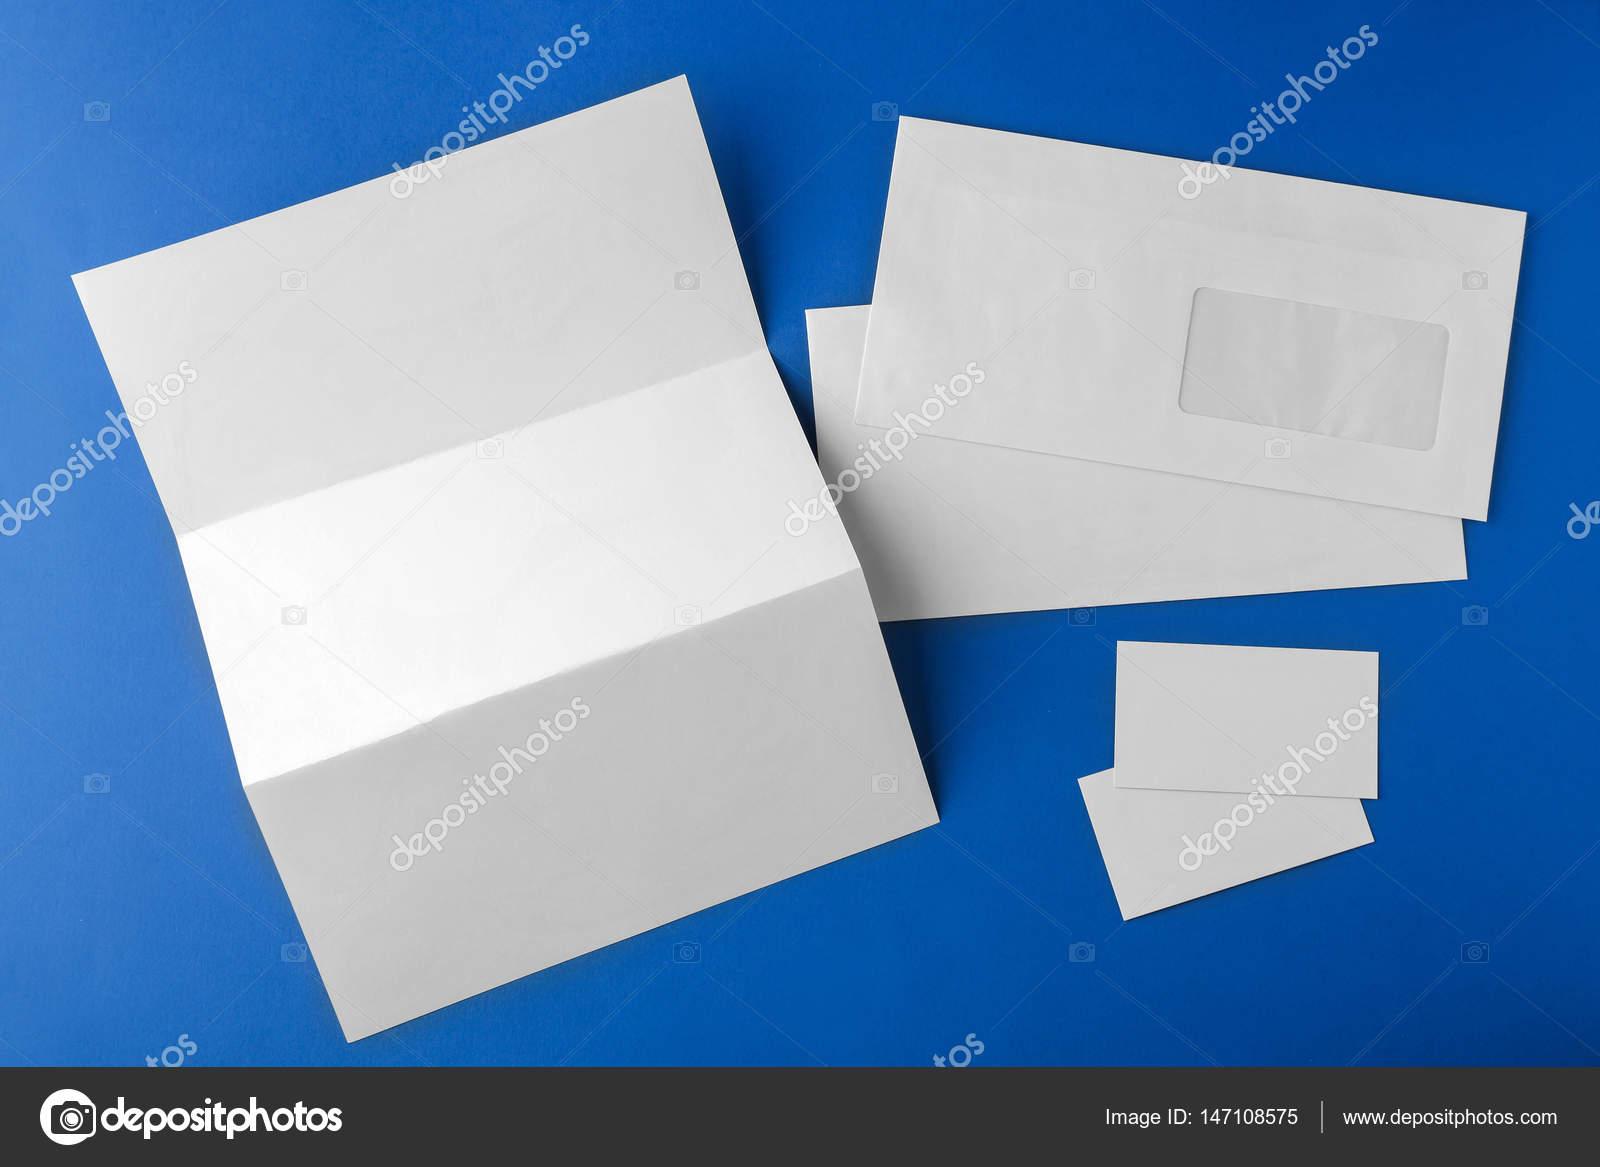 Brochure Blanc Enveloppe Et La Carte De Fond Bleu Image Belchonock